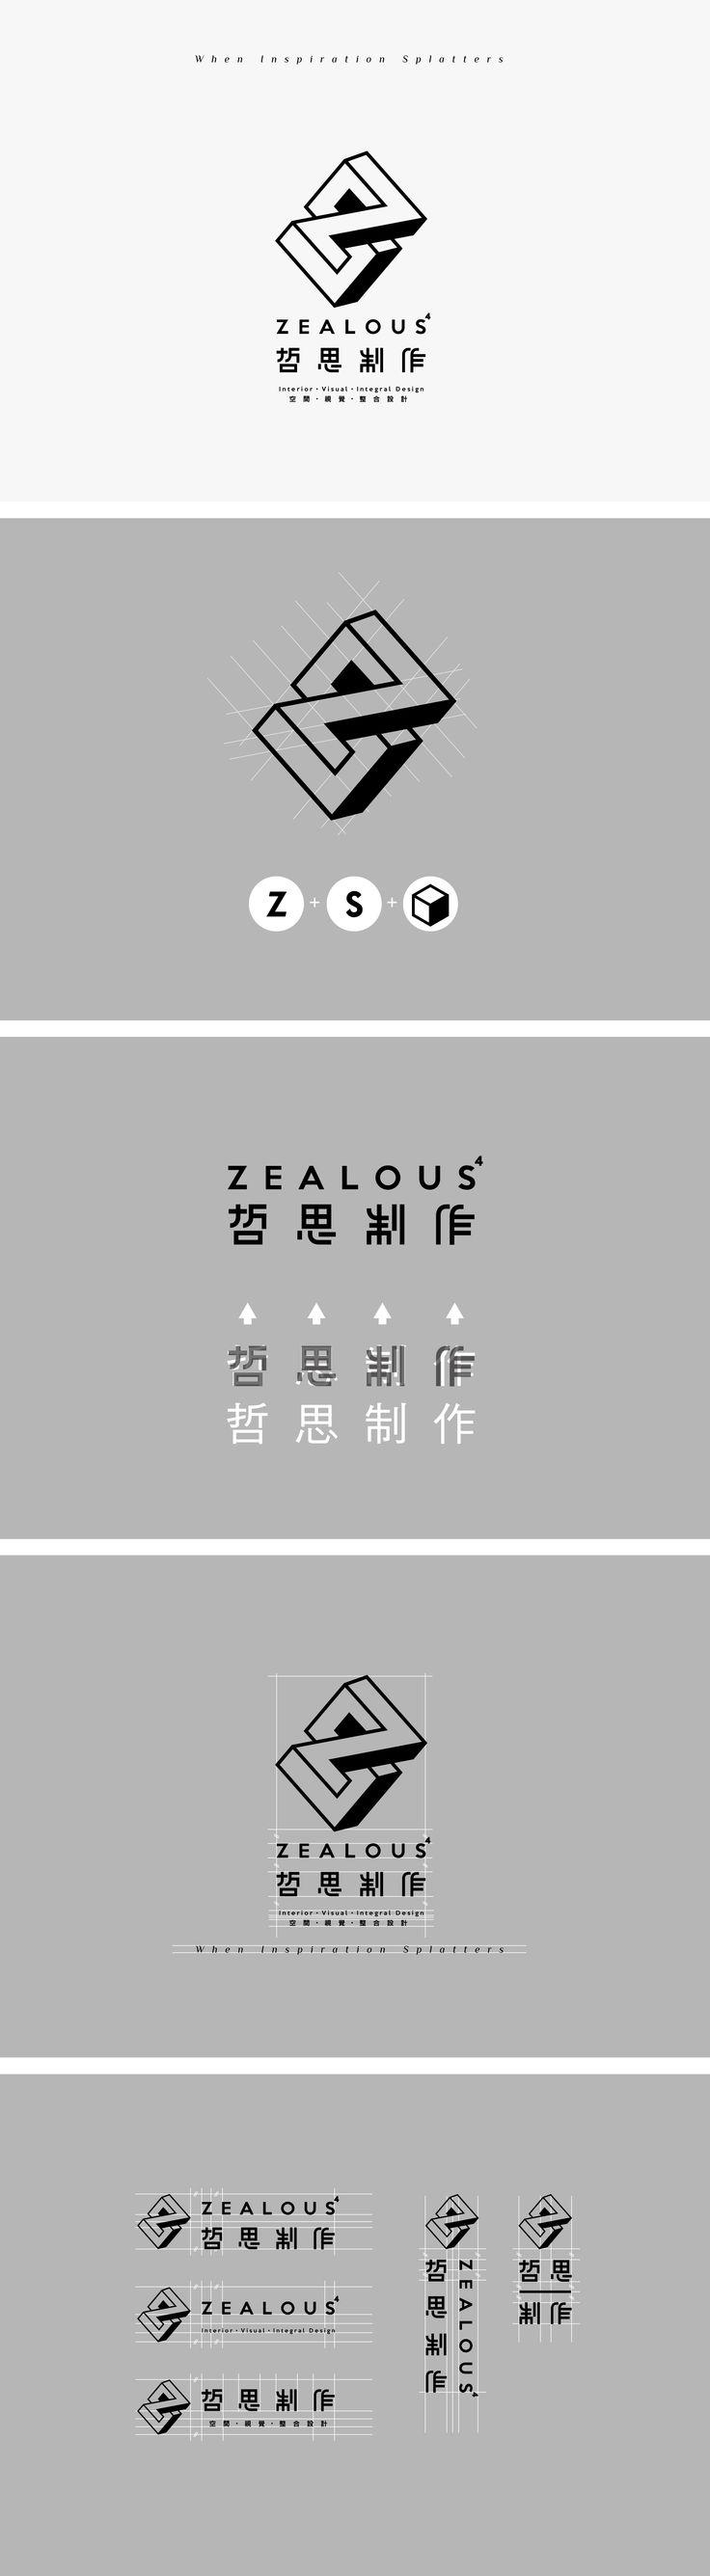 ZEALOUS4-哲思制作 Proposal-Concept